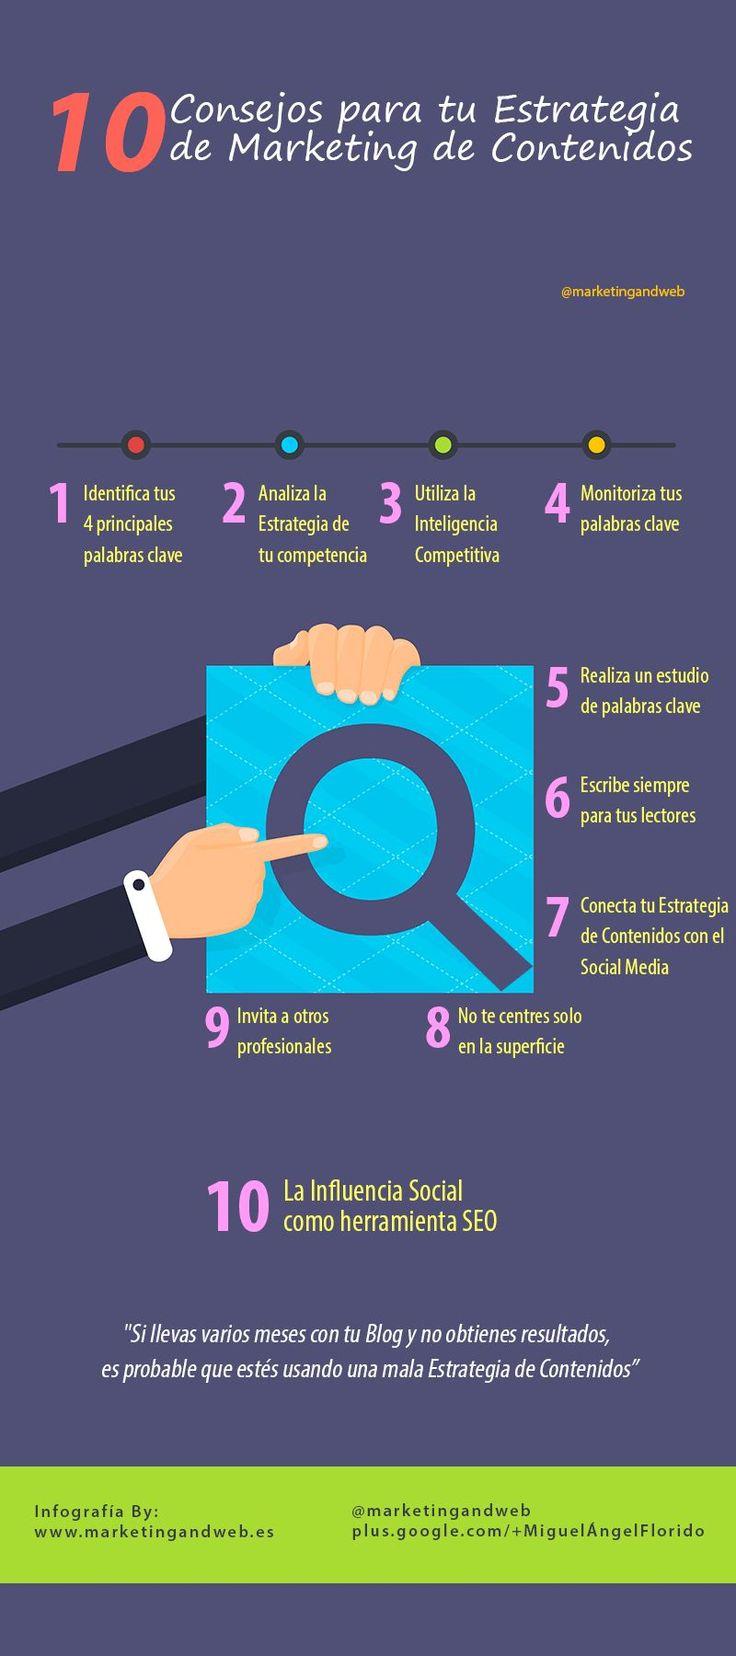 Excelente infografía, en español, con 10 útiles consejos para mejorar nuestra estrategia de Marketing de Contenidos. Si eres blogger no dejes de leerla.